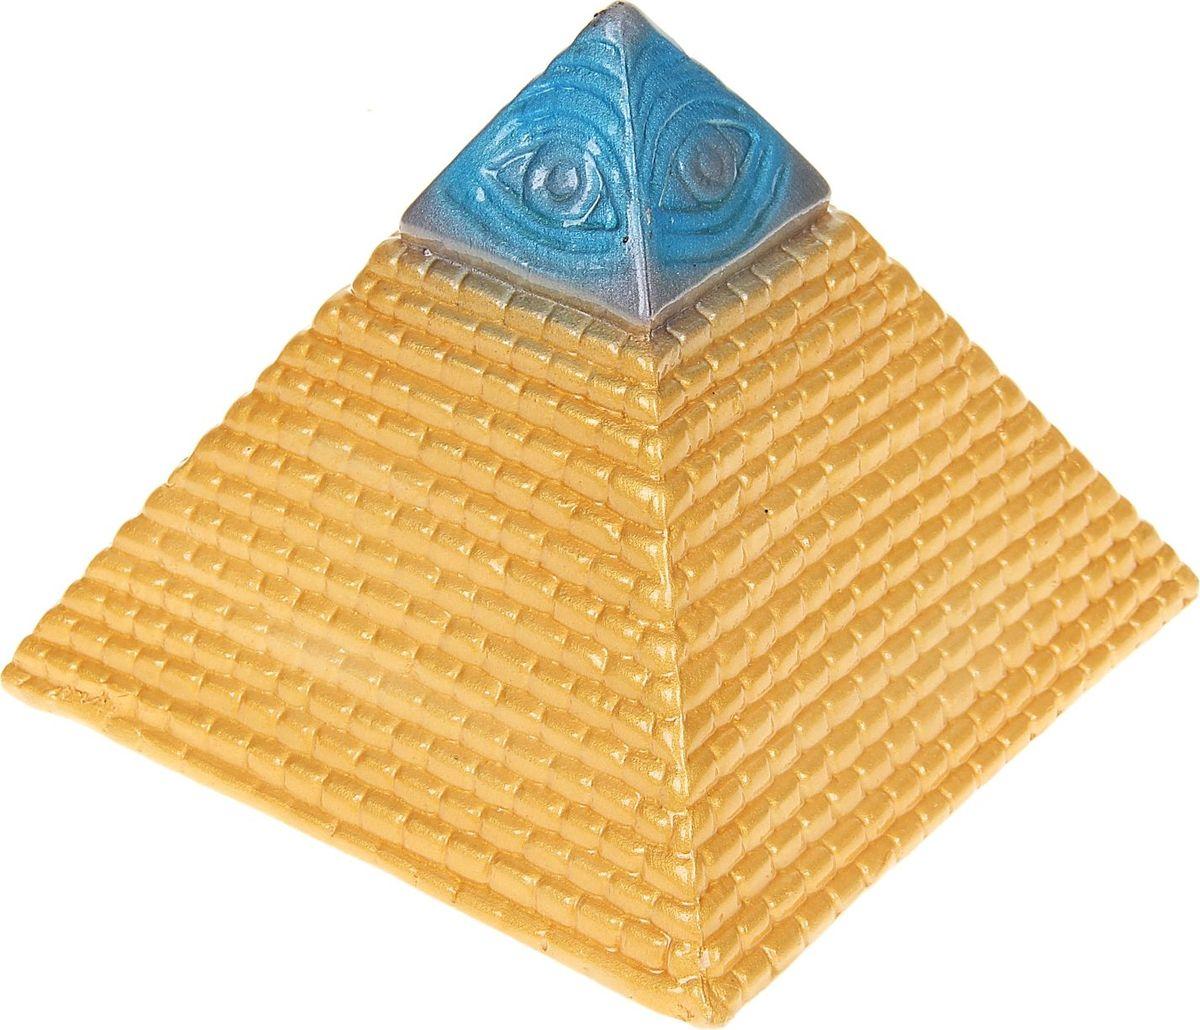 Копилка Керамика ручной работы Пирамида, 16 х 16 х 15 см1067112Каждая хозяйка знает, что в ведении домашнего хозяйства важную роль играет умение накапливать средства. Поставьте копилку на видное место, и она не только будет хранить деньги, но и станет стильным элементом интерьера.Обращаем ваше внимание, что копилка является одноразовой.